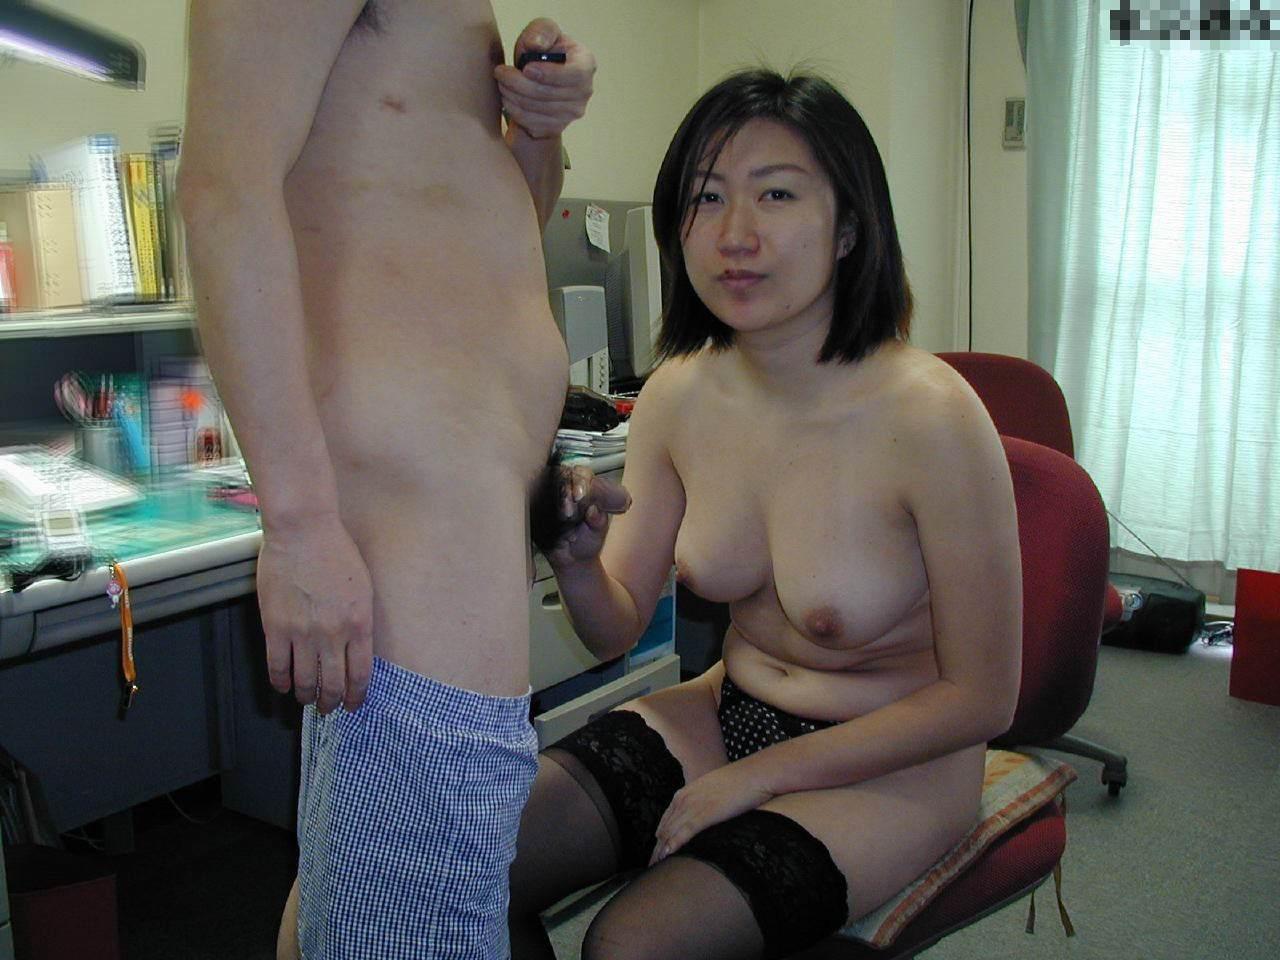 顔見せOKな素人娘たちの手コキのエロ写メ画像が彼氏のLINEから流出wwwww 2040